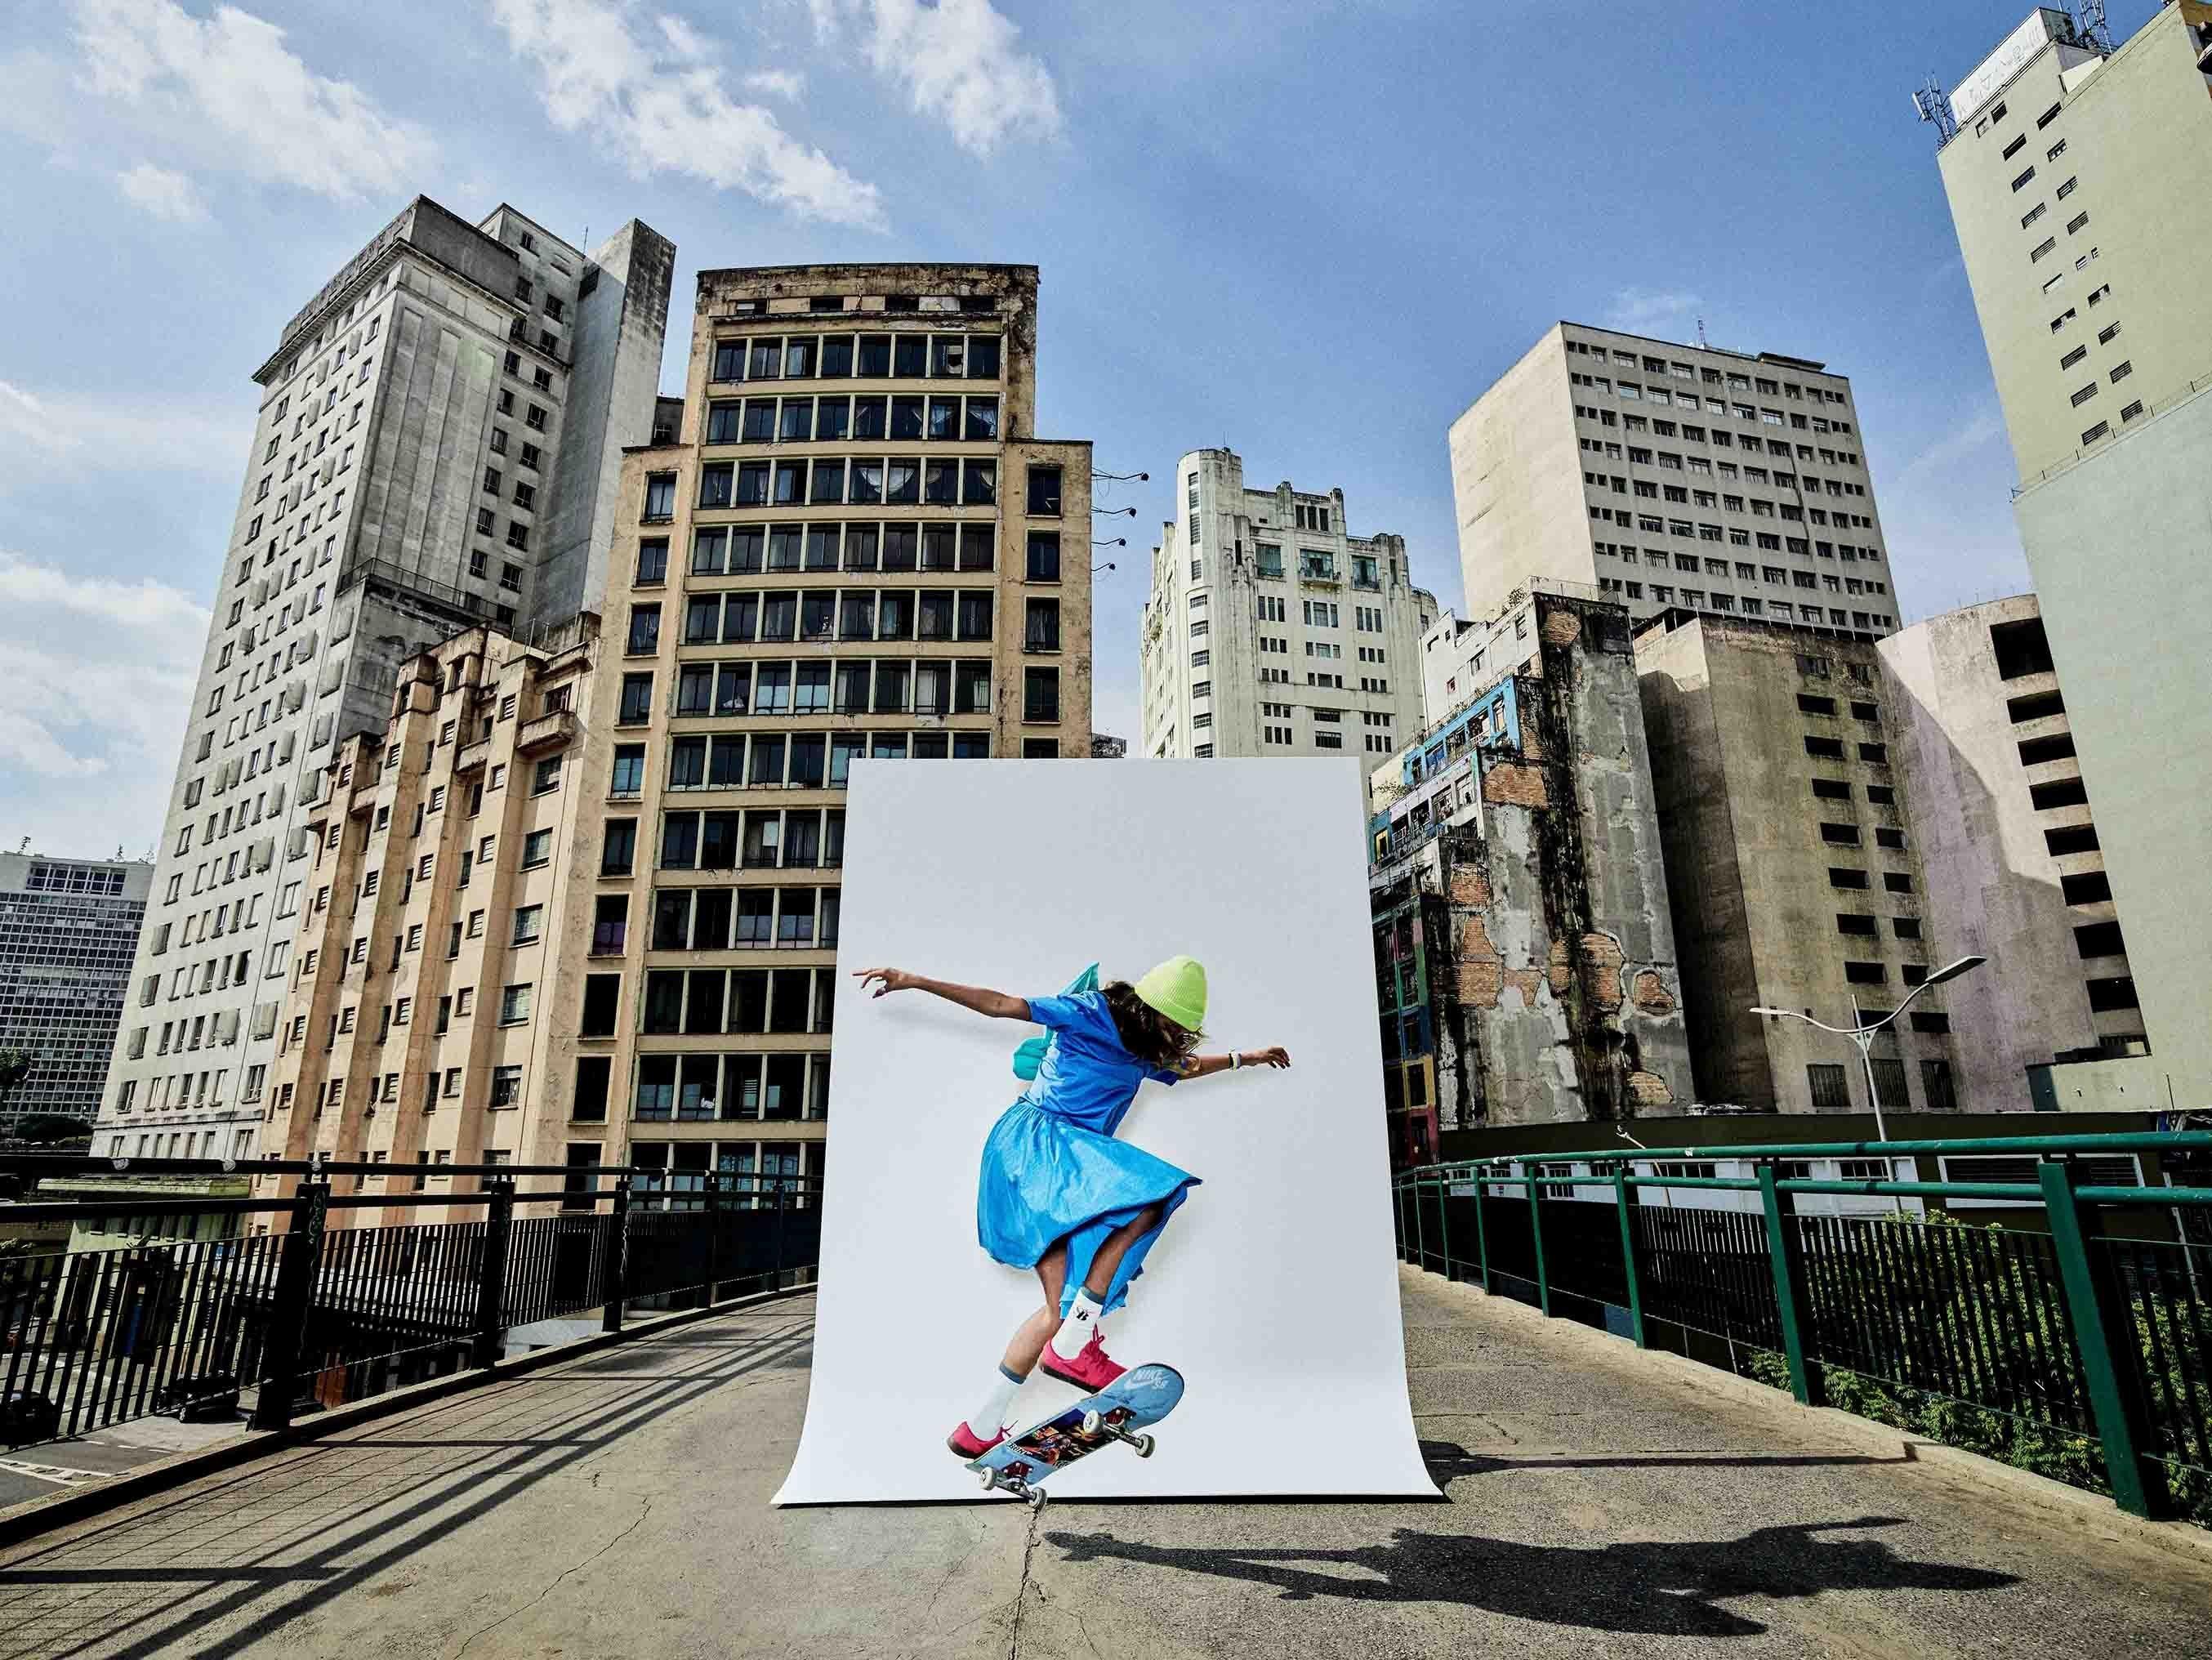 nike-rayssa-leal-skate